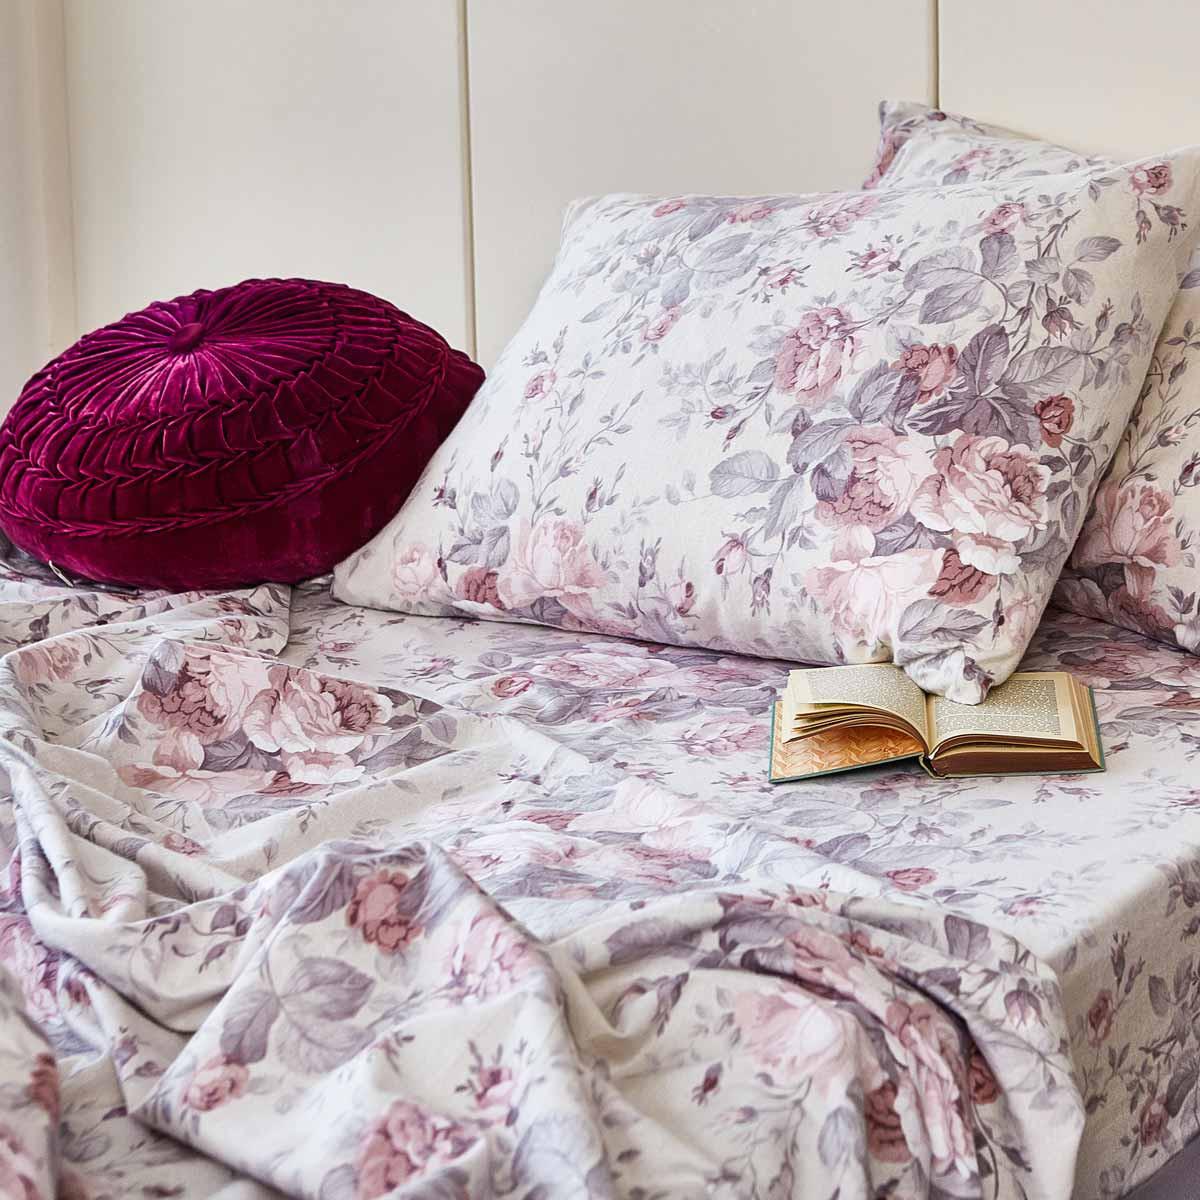 Φανελένια Σεντόνια Διπλά (Σετ) Melinen Peonia Rose home   κρεβατοκάμαρα   σεντόνια   σεντόνια ημίδιπλα   διπλά